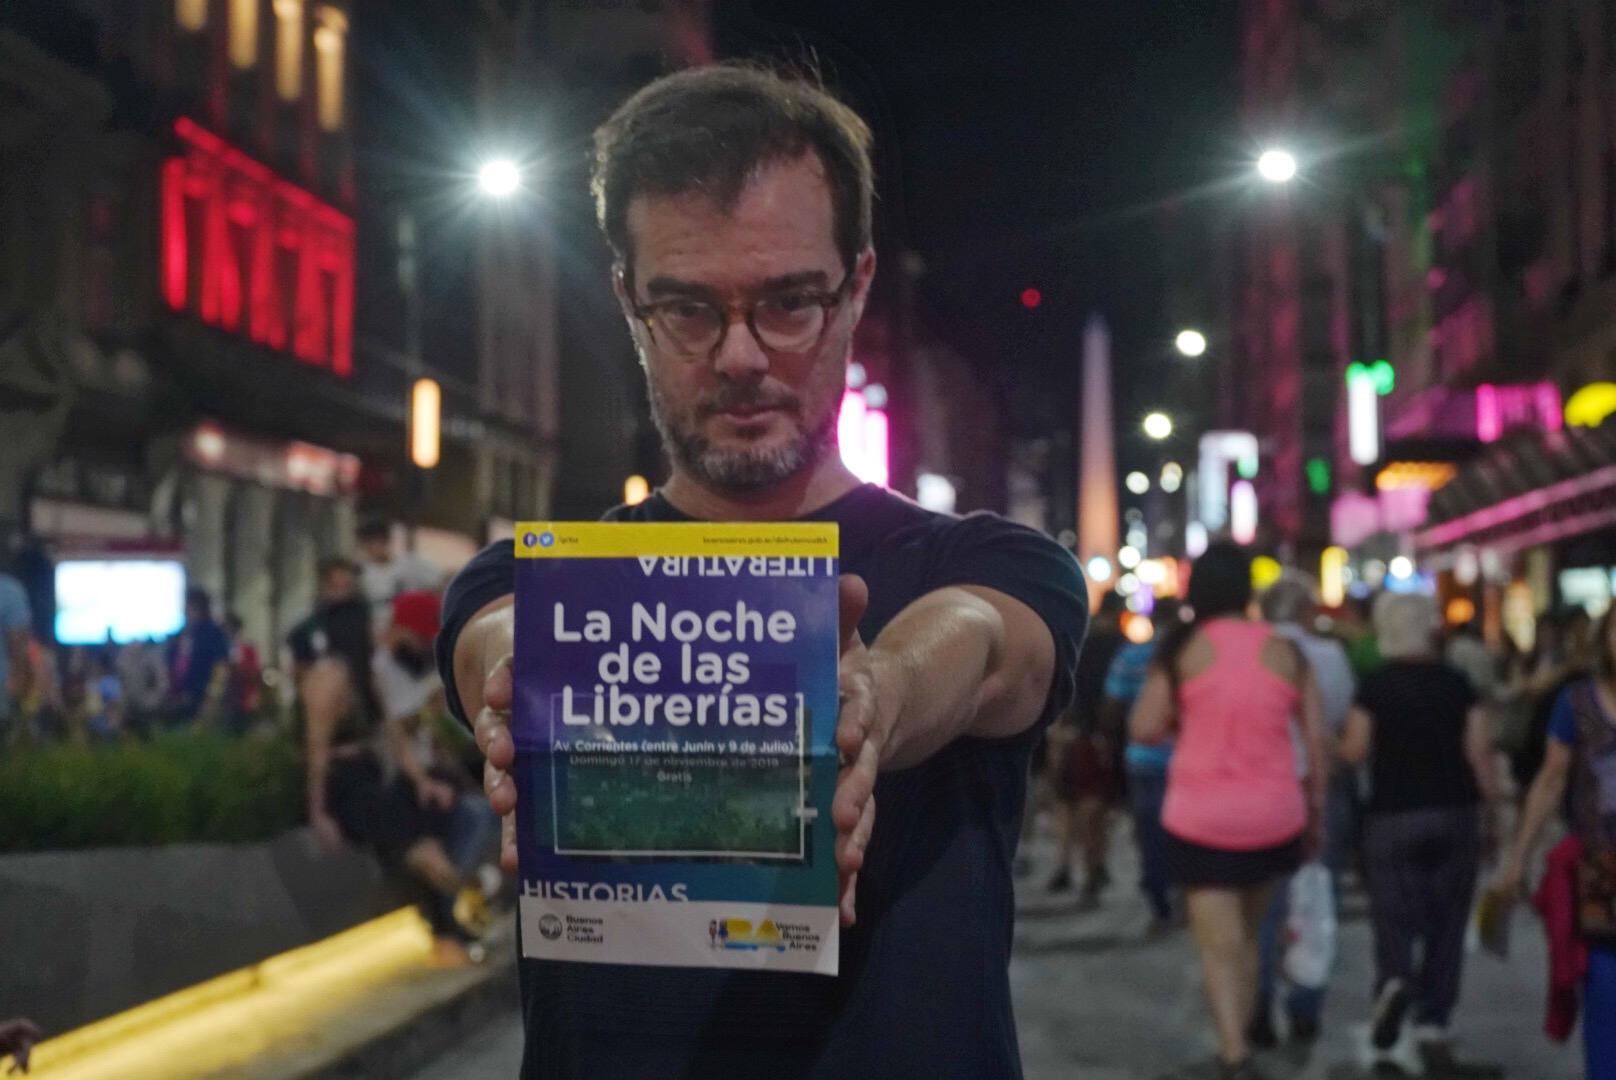 El ministro de Cultura porteño, Enrique Avogadro, también participó de